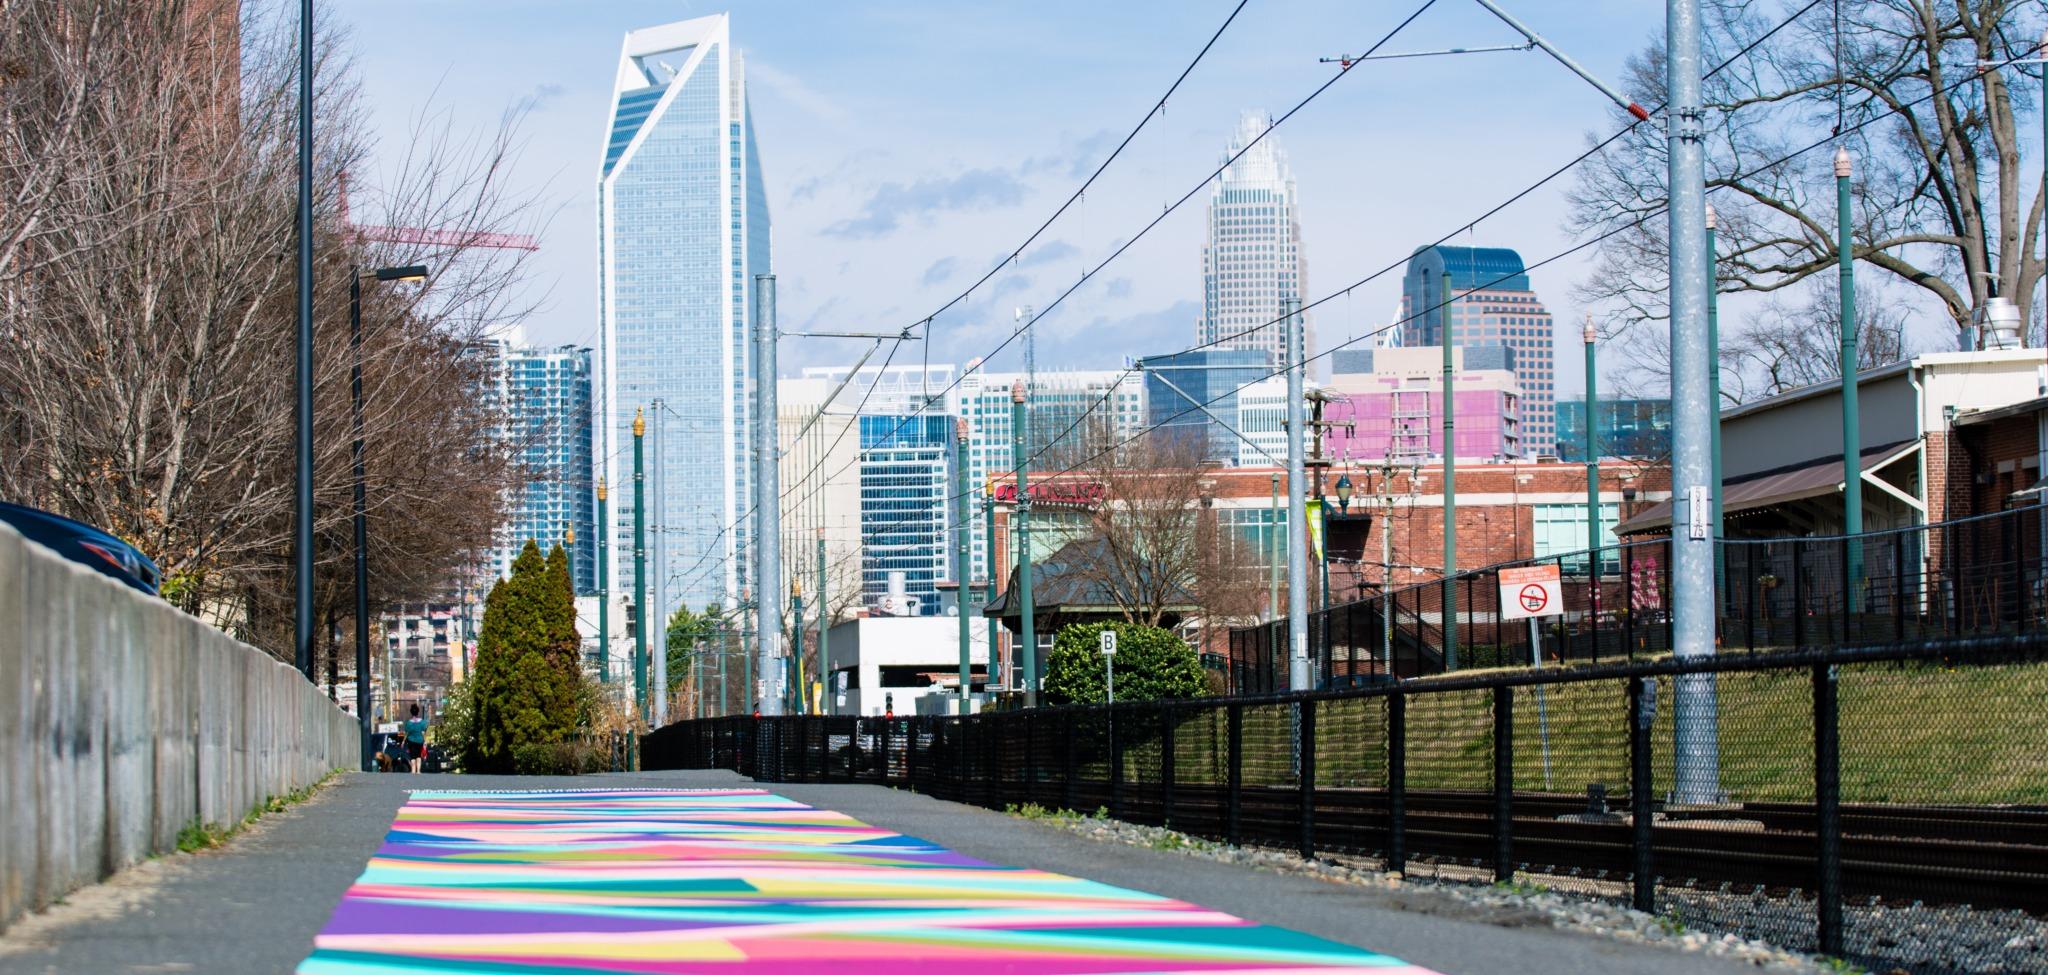 Charlotte trail rail